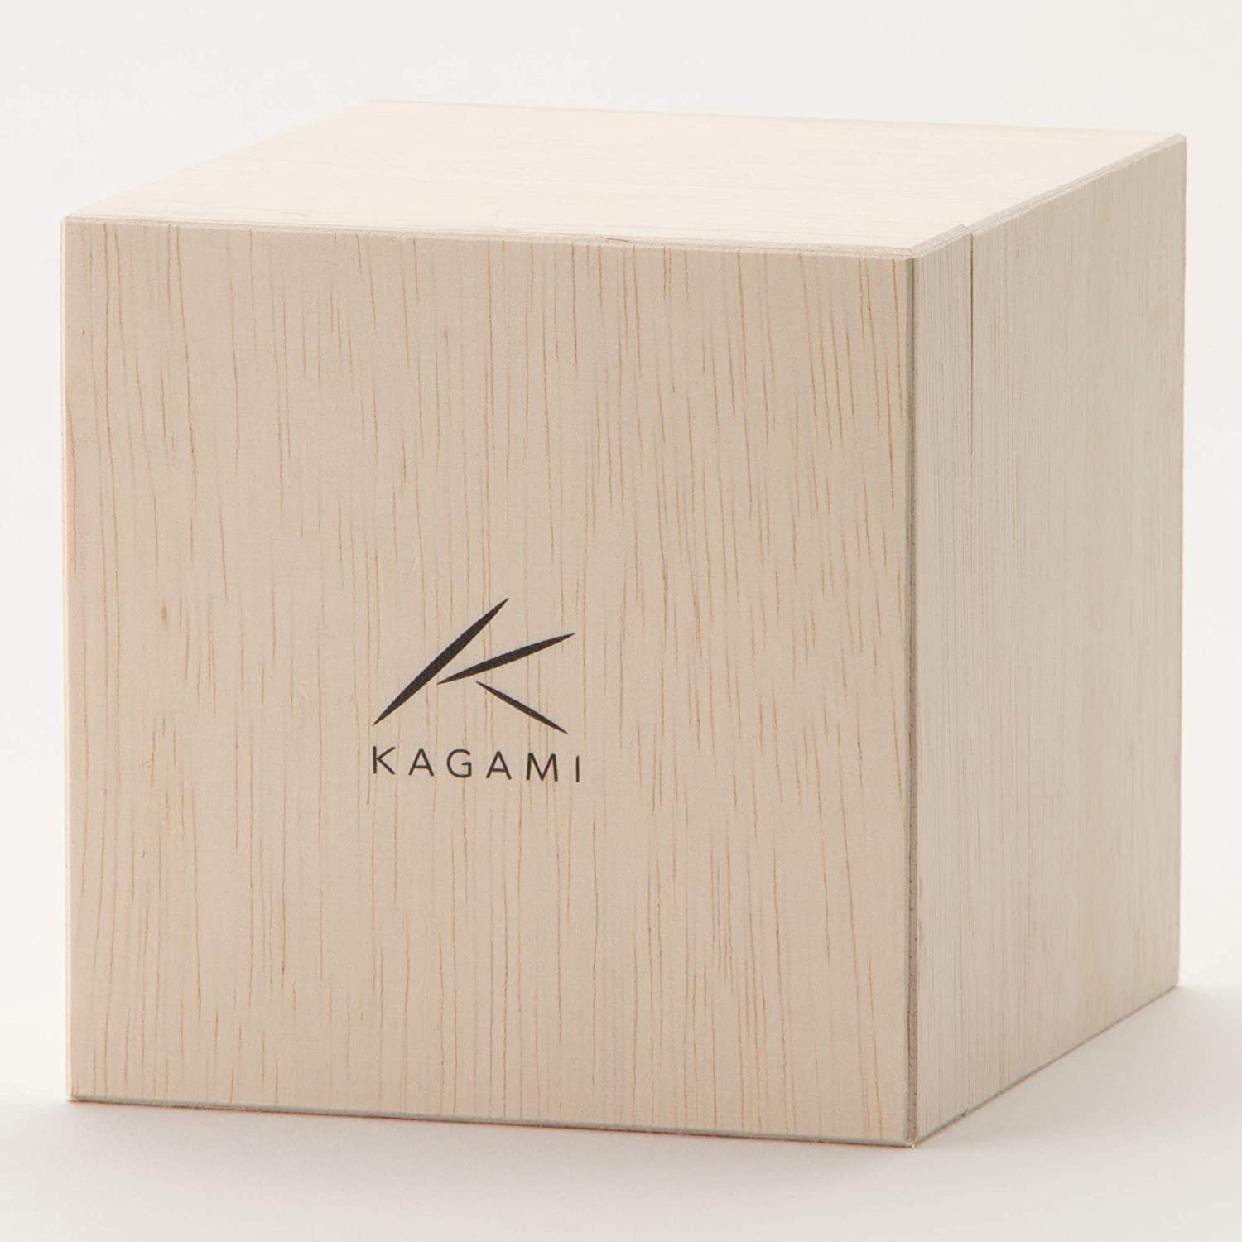 カガミクリスタル ロックグラス<校倉>270㏄ T394-312の商品画像4